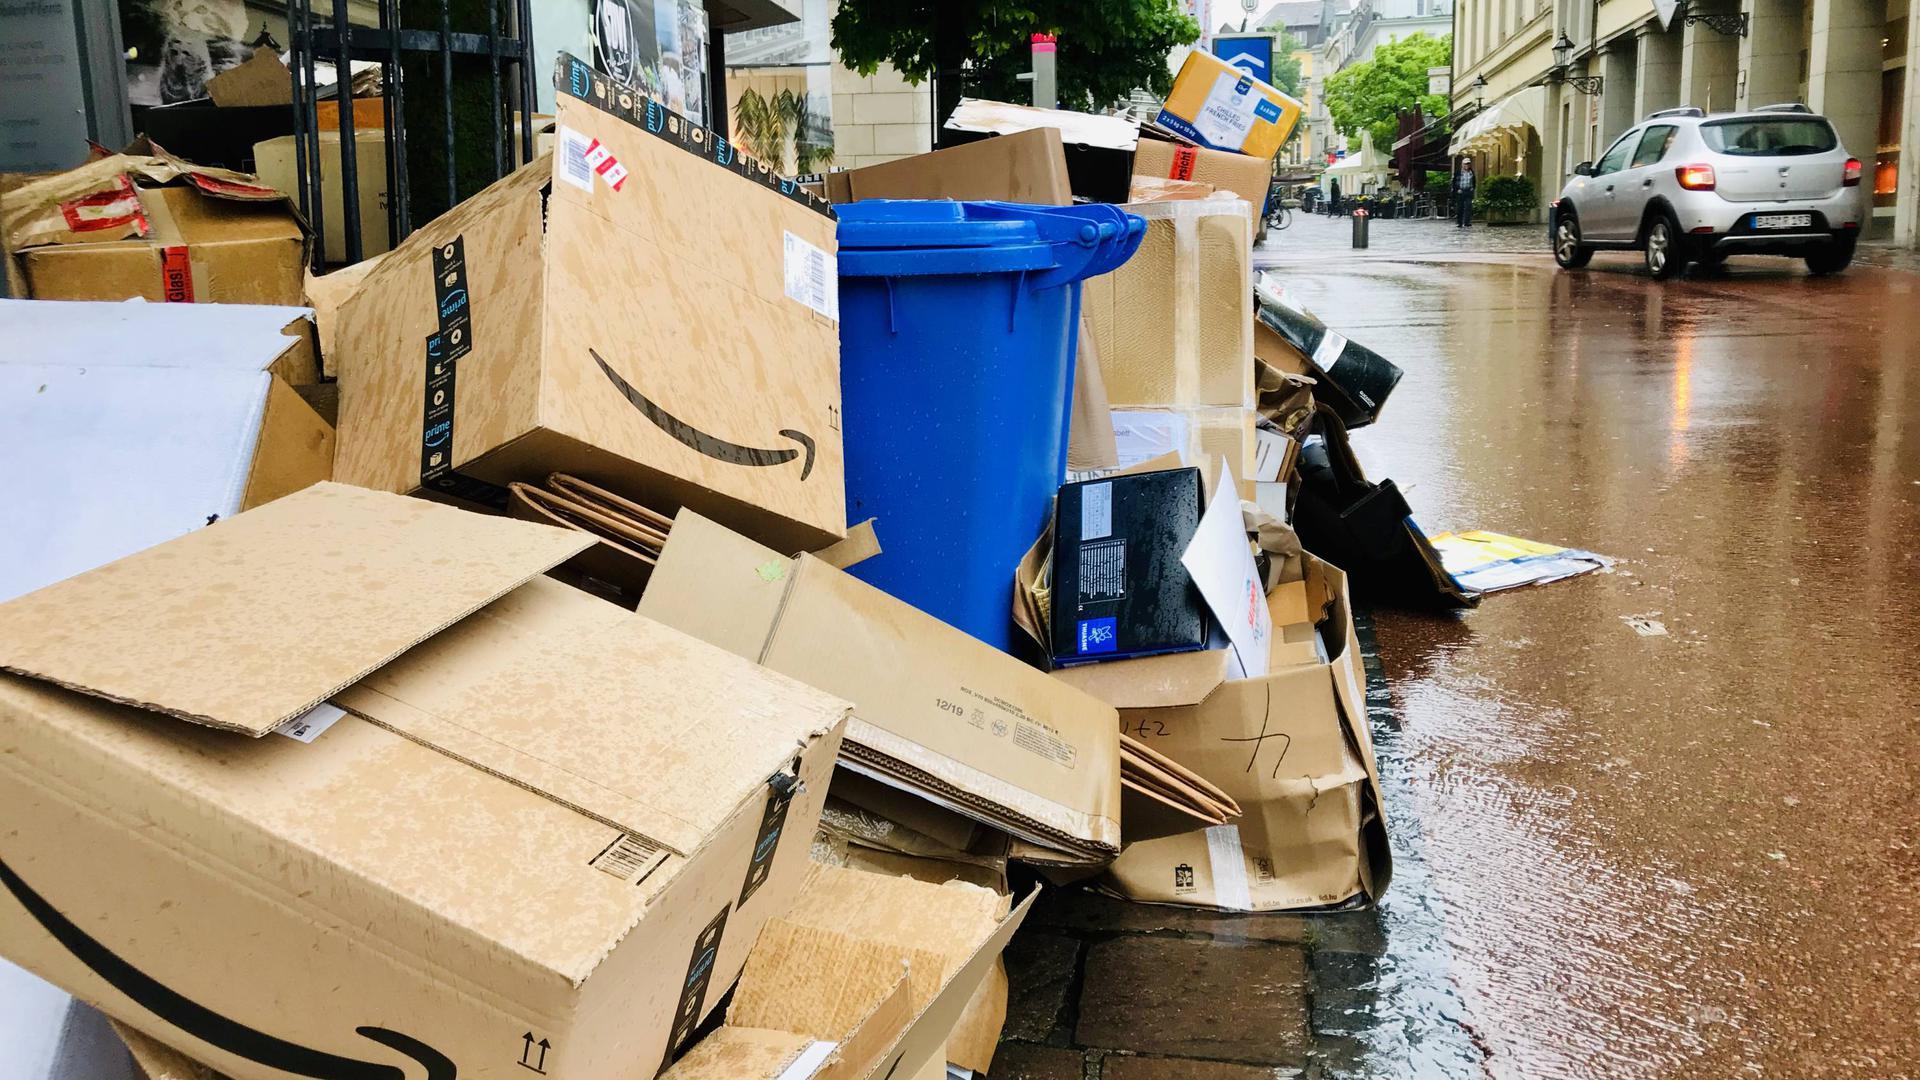 Kein schöner Anblick: Ein Pappberg mit Blauer Tonne an einem Zugang zur Baden-Badener Fußgängerzone. Wer Müll zu früh vor der Abfuhr bereitstellt, dem droht ein Bußgeld von 100 Euro. Die Regelung ist seit dem 6. Mai in Kraft.